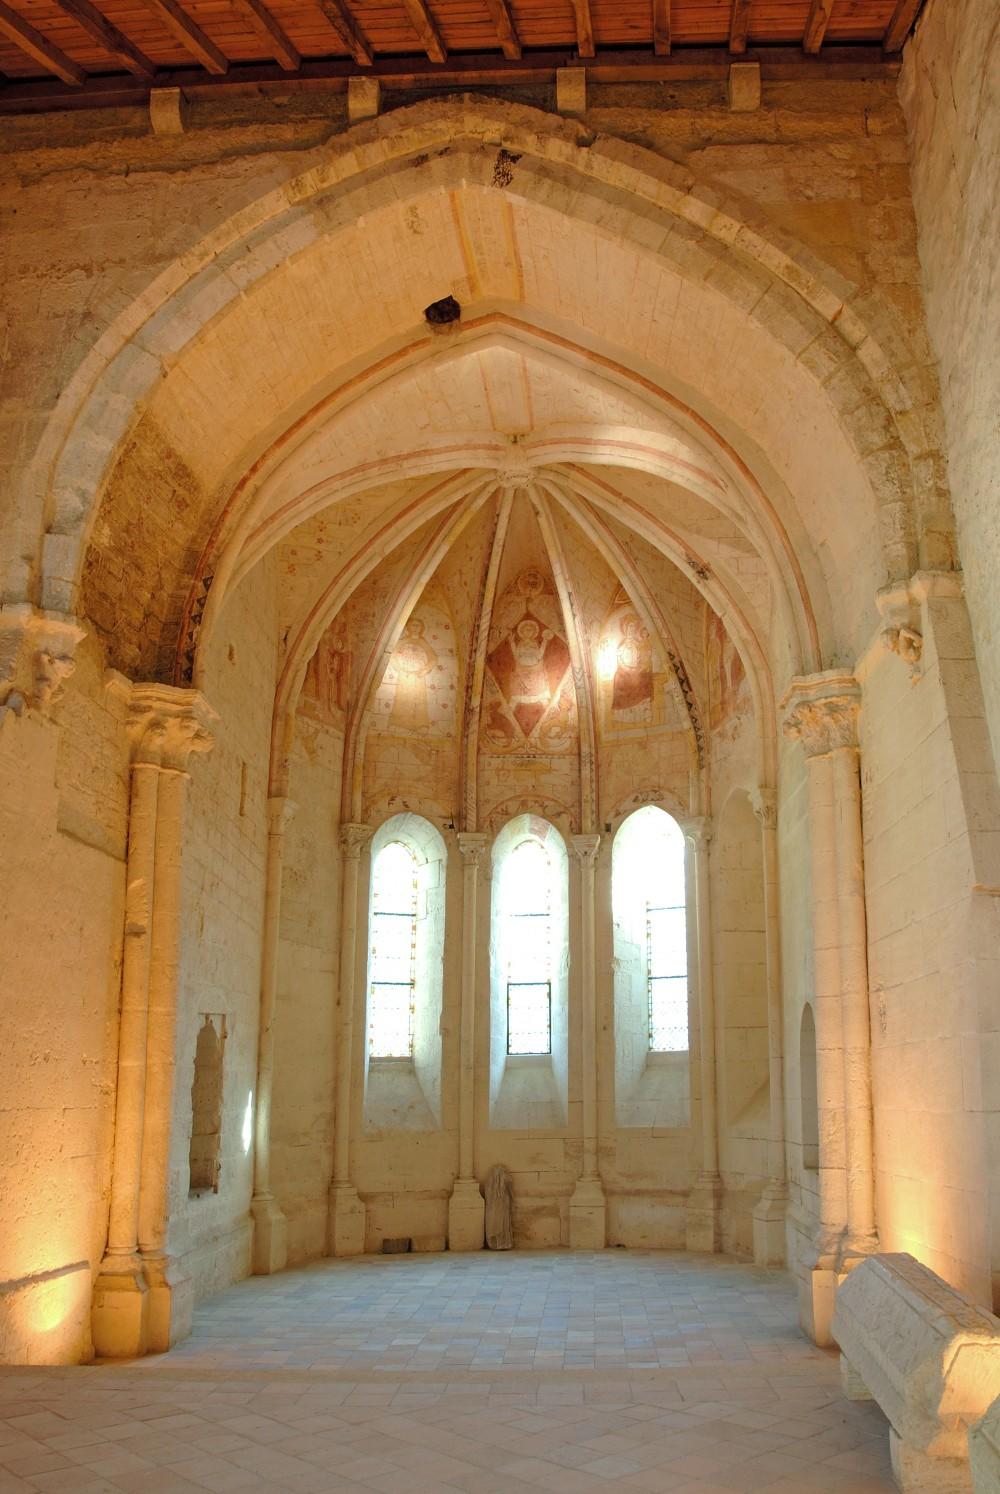 Saint emilion souterrain site de l 39 office de tourisme du grand saint emilionnais - Office du tourisme de saint emilion ...